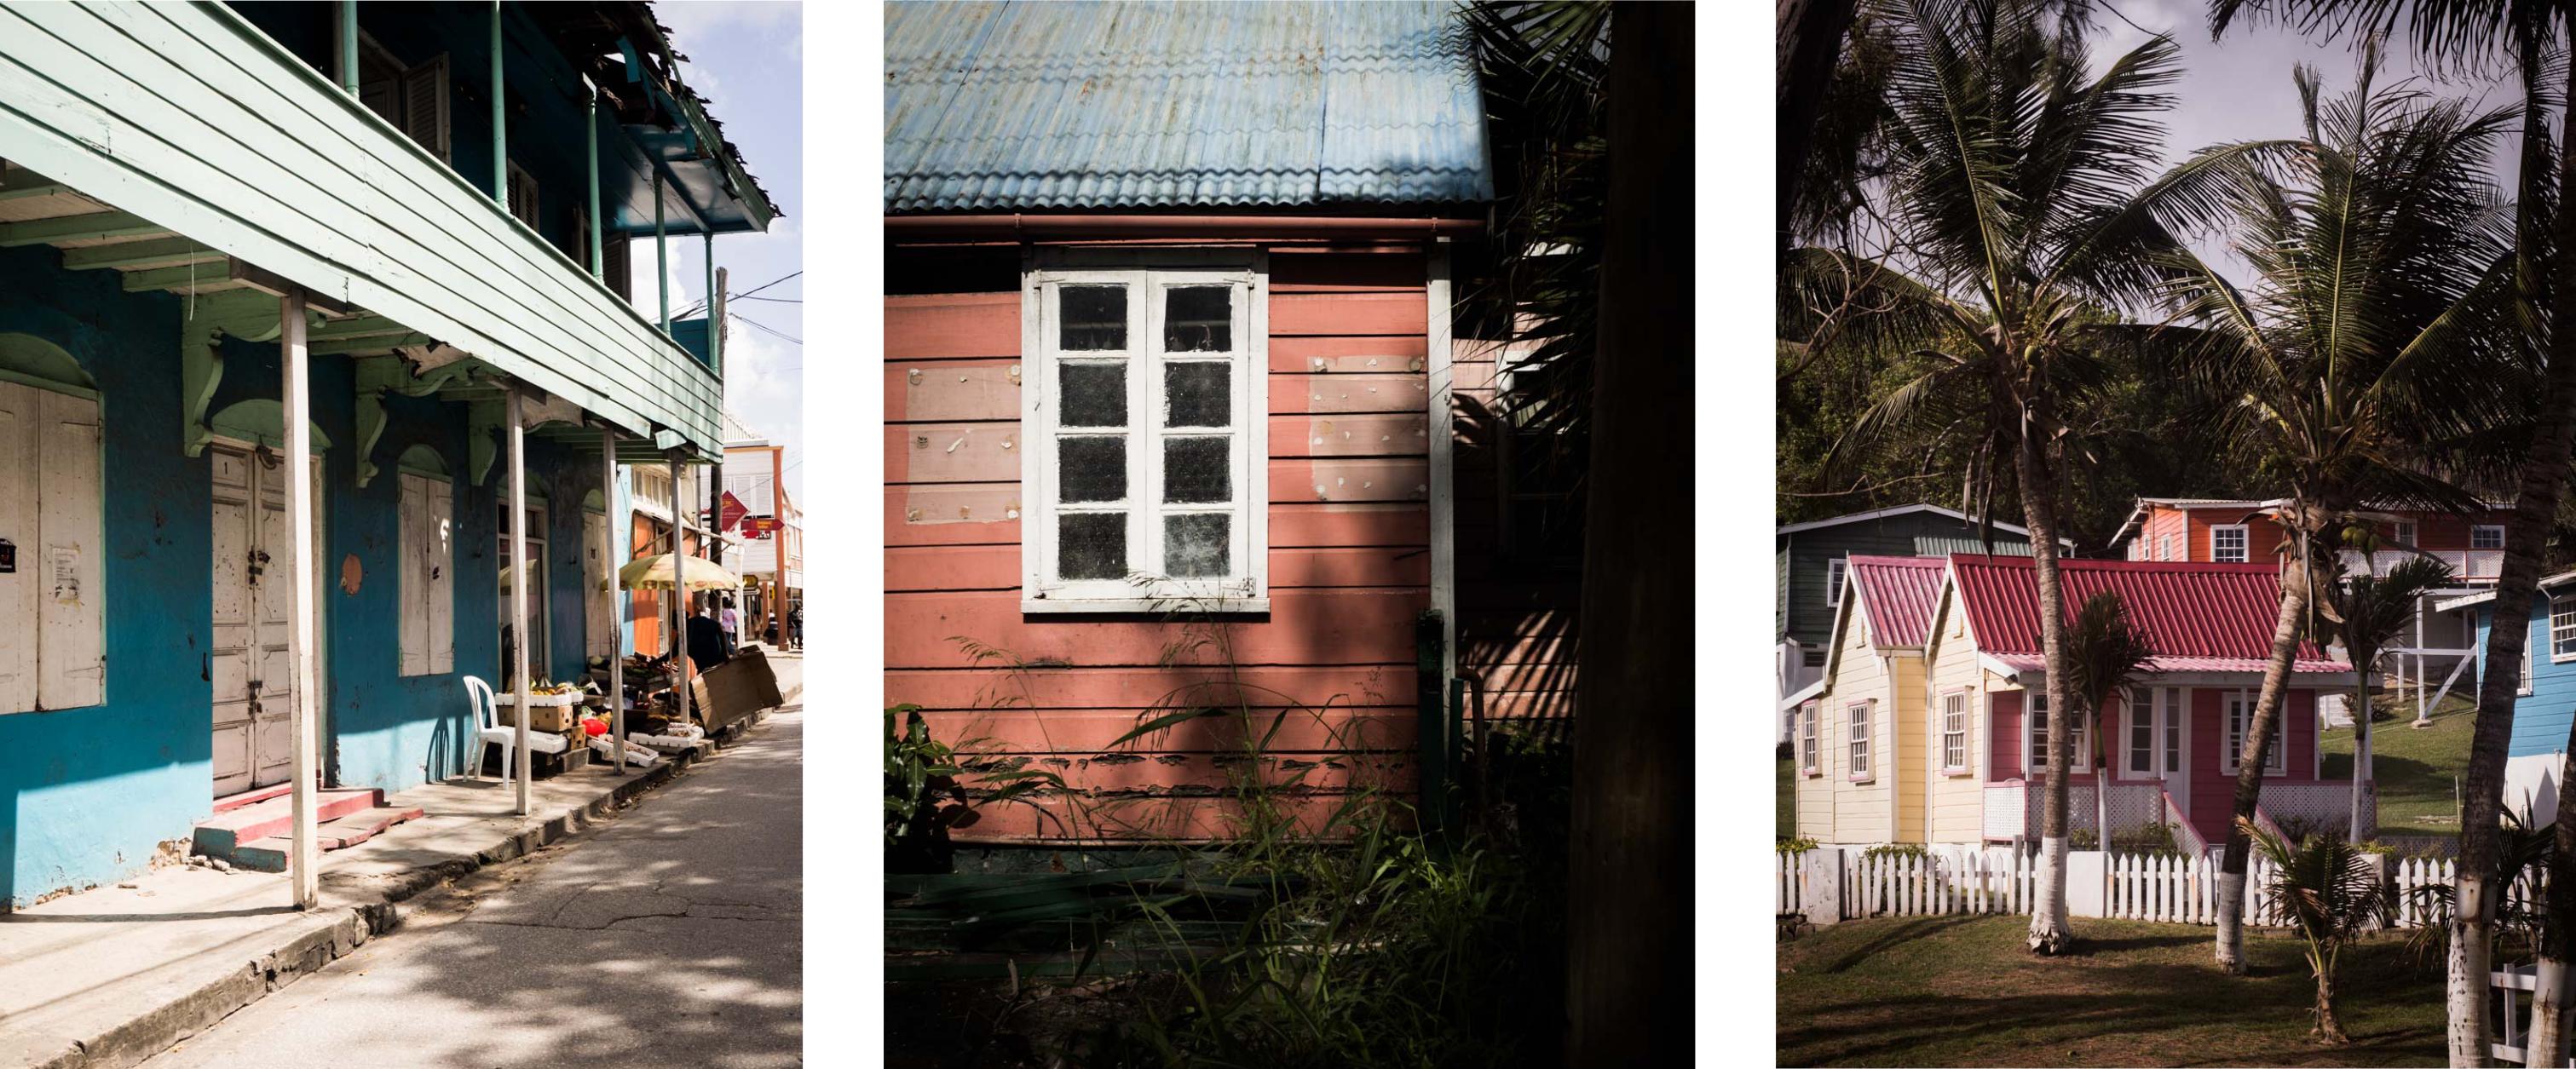 découvrir la barbade - antilles- architecture typique- bathsheba